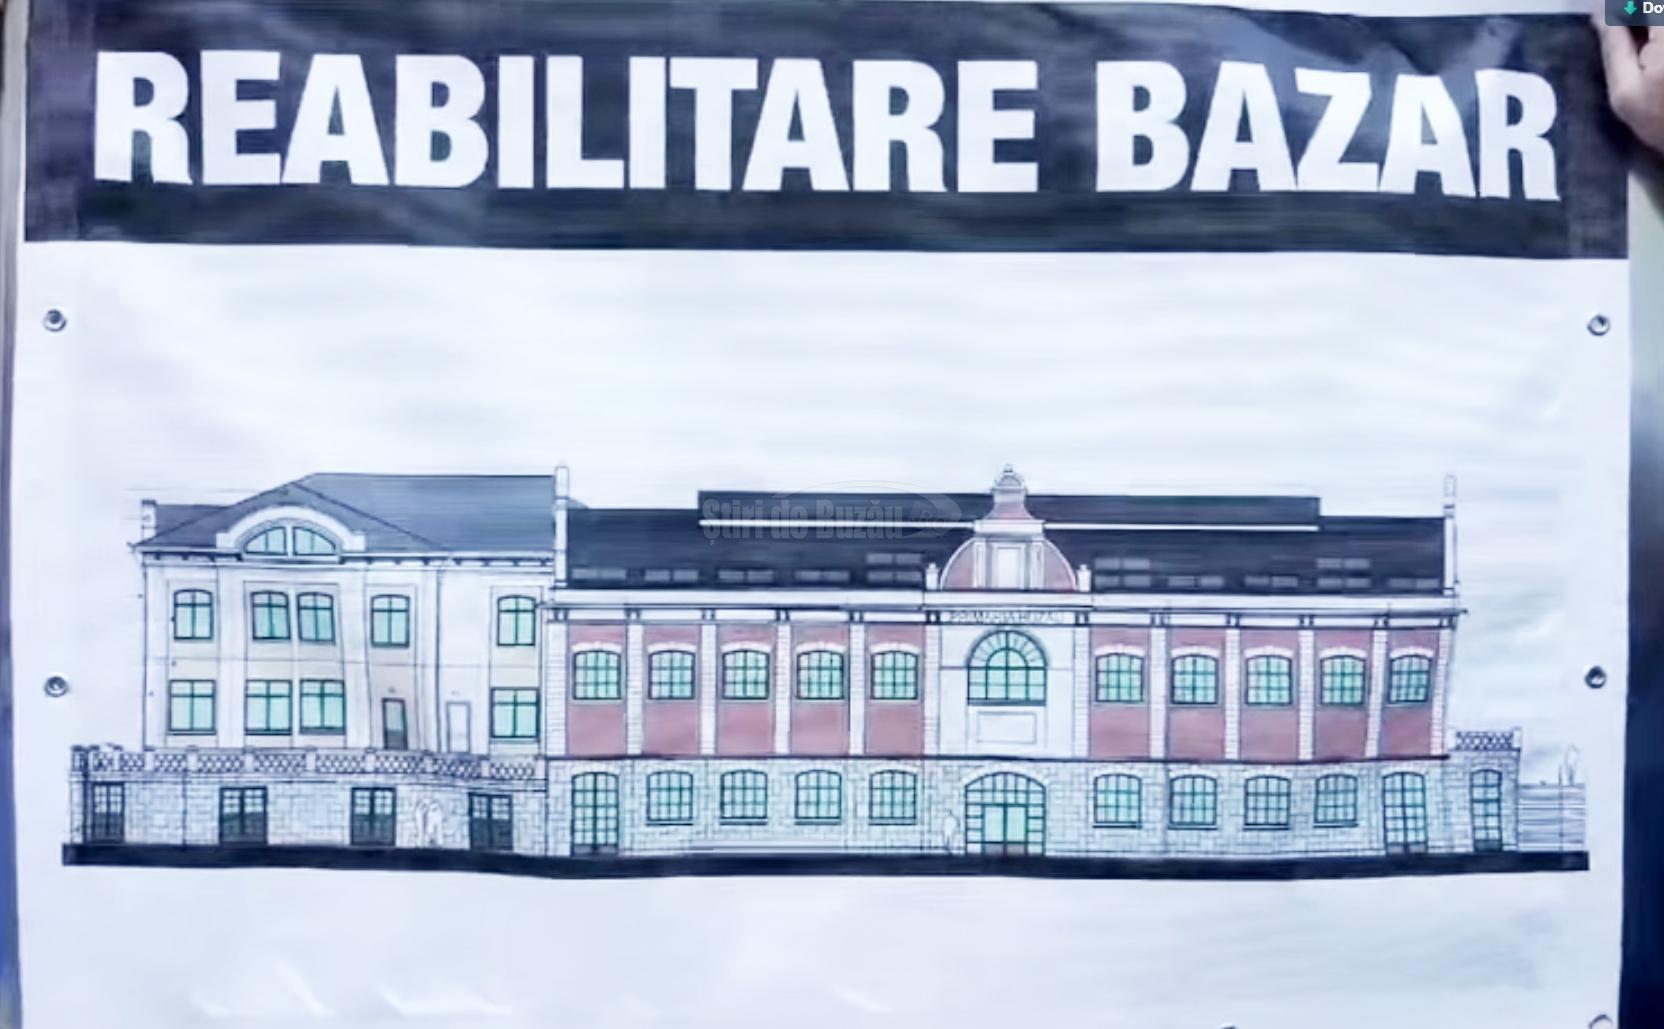 reabilitare bazarr